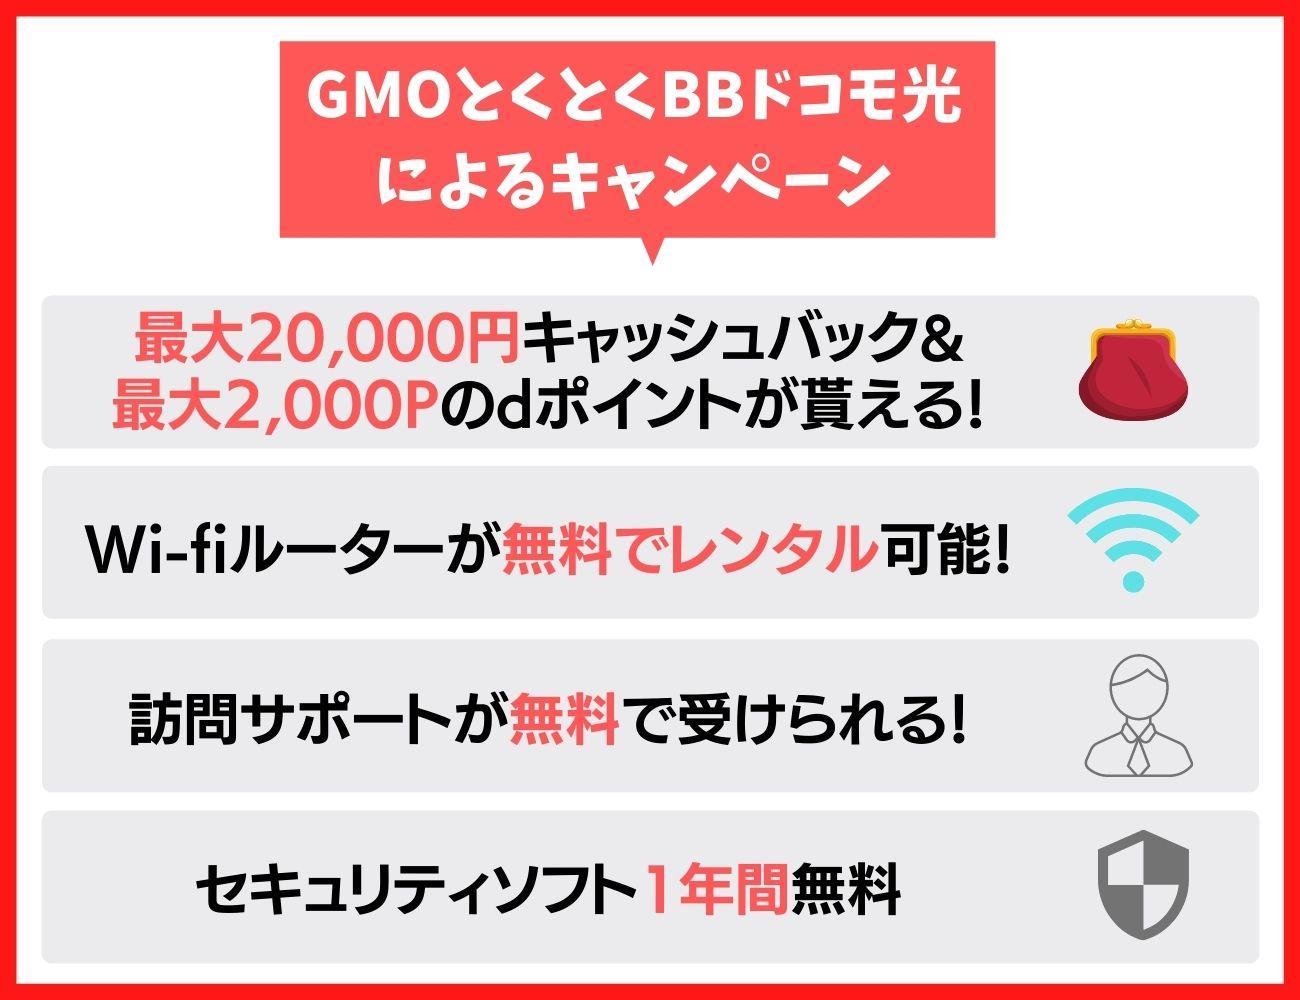 一番お得なGMOとくとくBBドコモ光によるキャンペーン・キャッシュバック